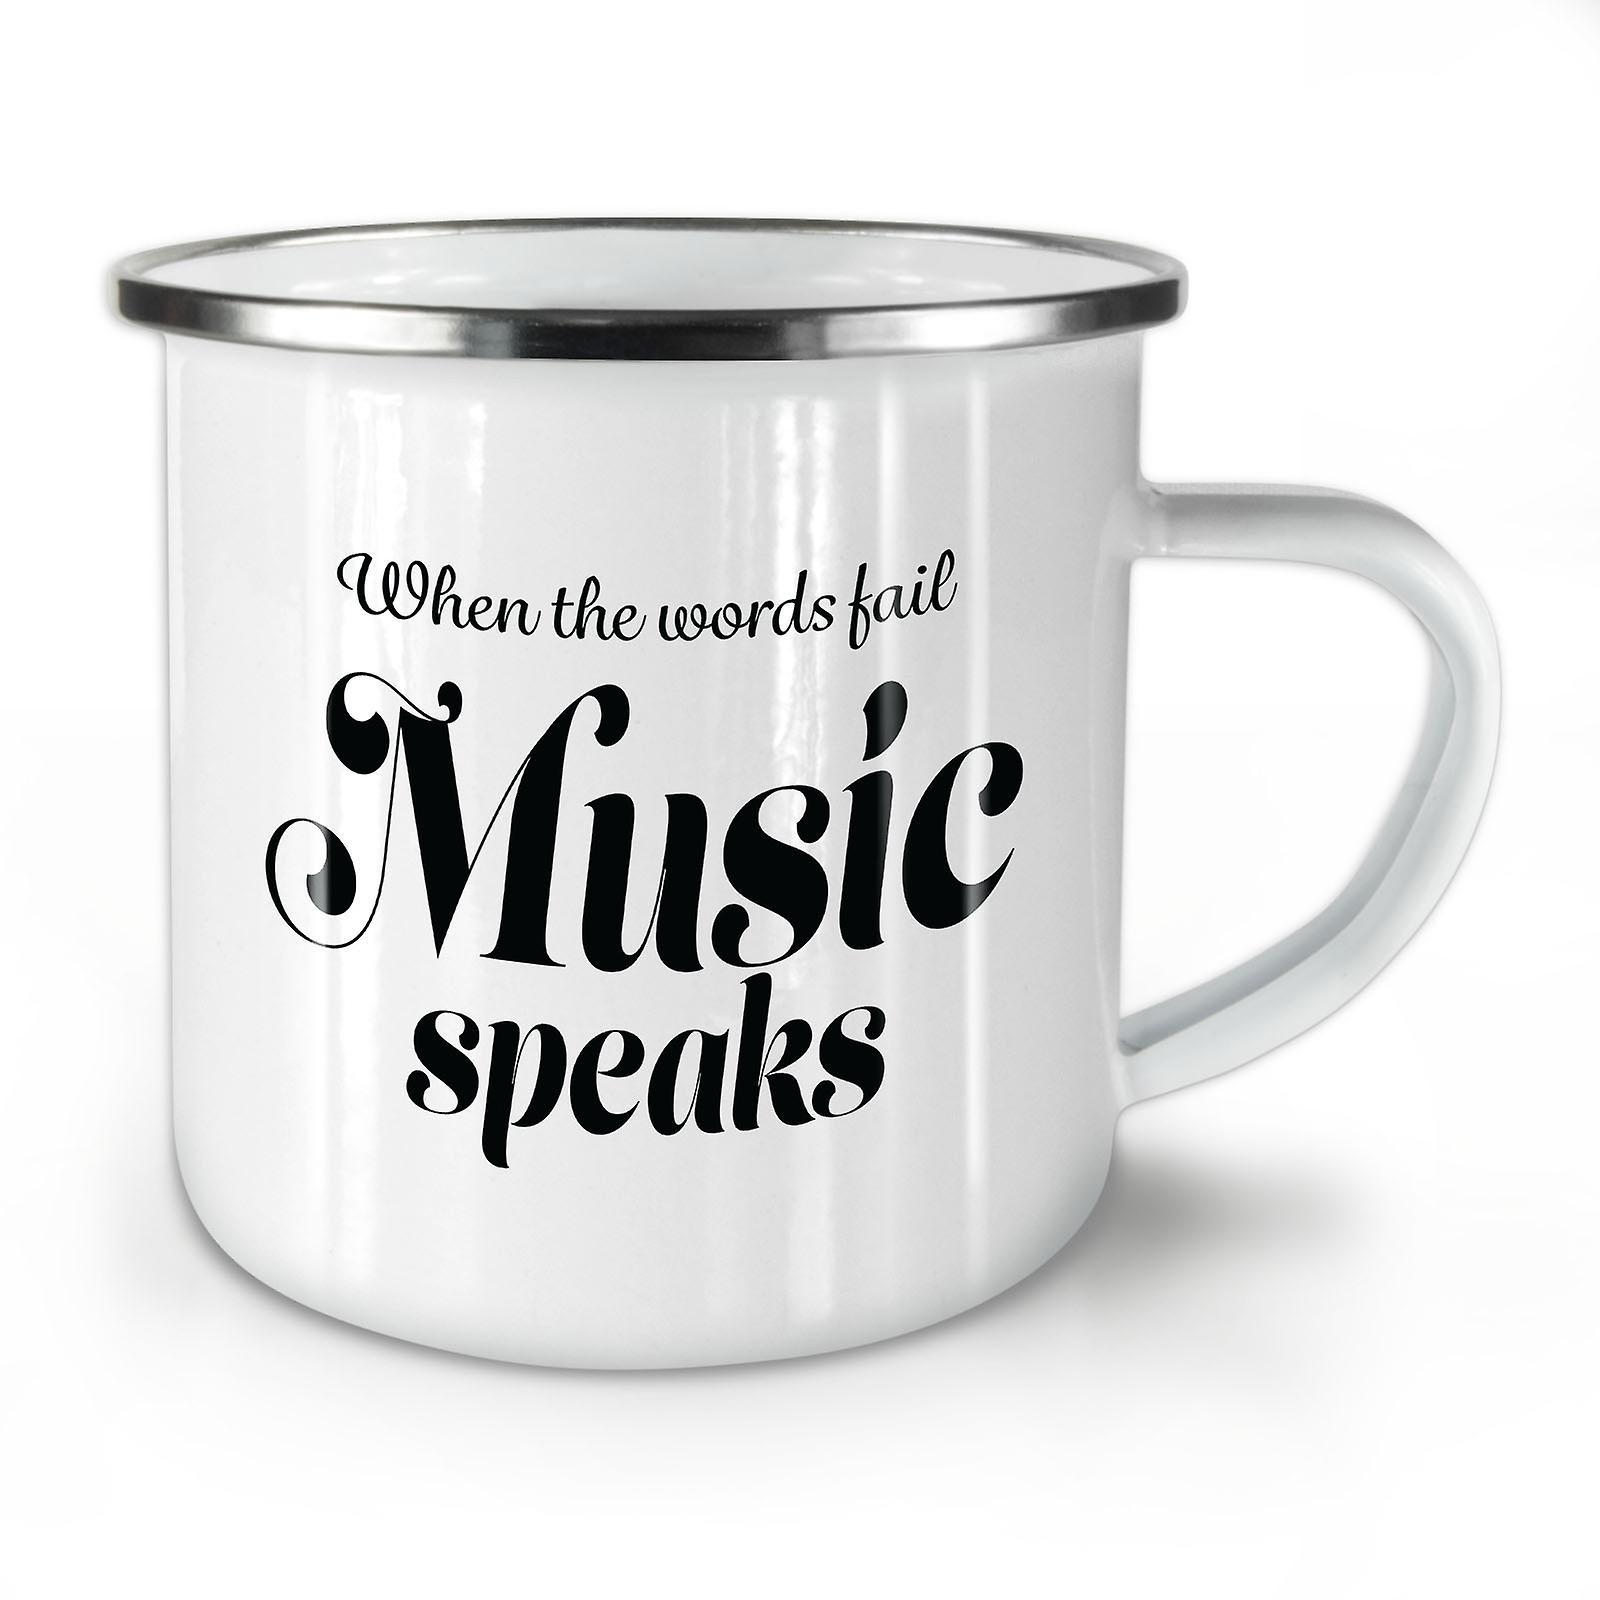 Nouveau Whitetea Café OzWellcoda Musique Mot Émail Fail Mug10 Parle OkuwPiTXZ